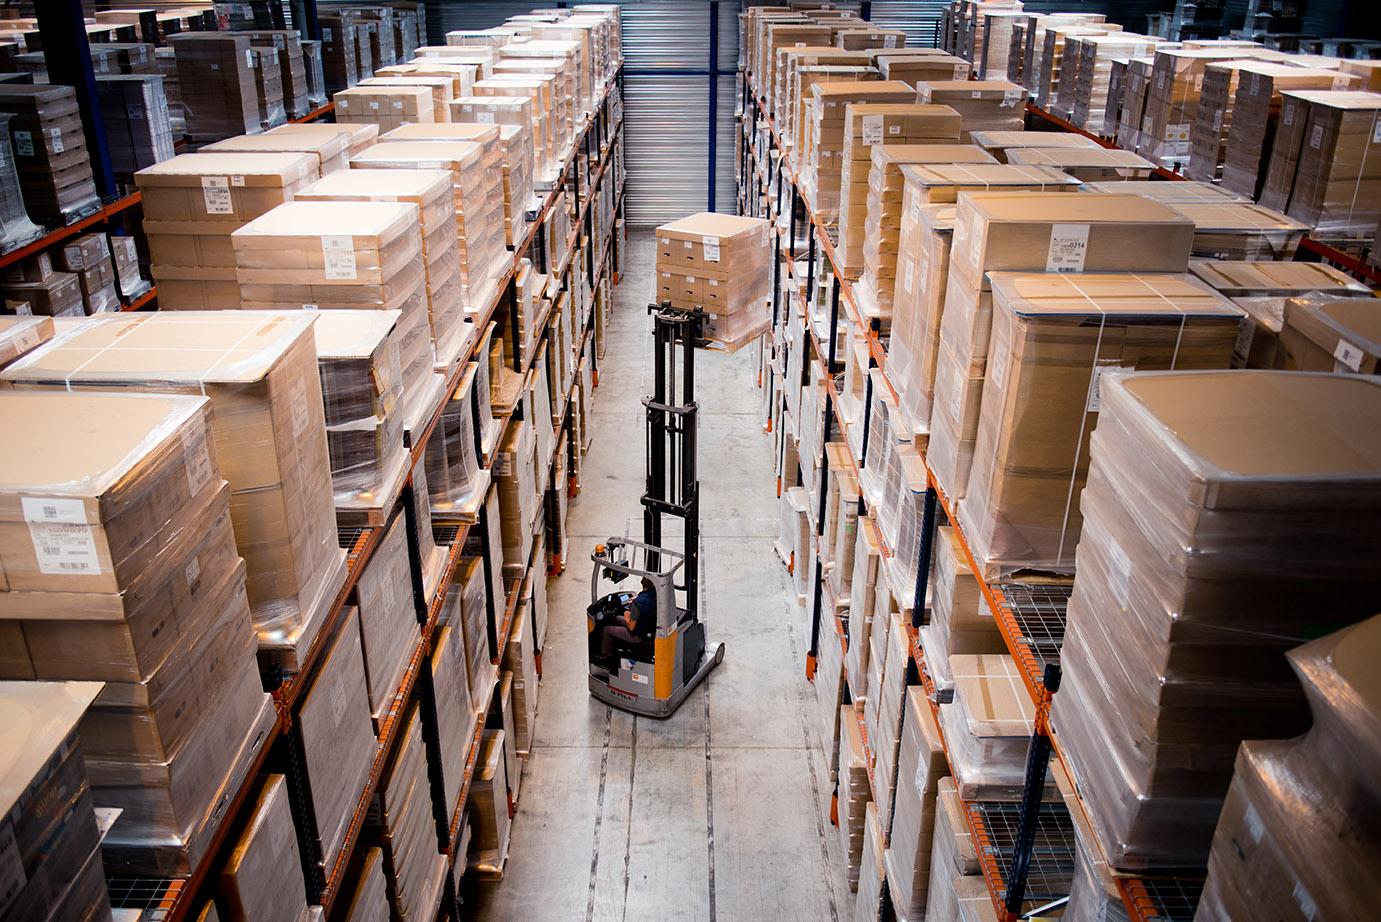 Stockage de marchandises en entrepôt (Limousin). Palettes gestion de stocks